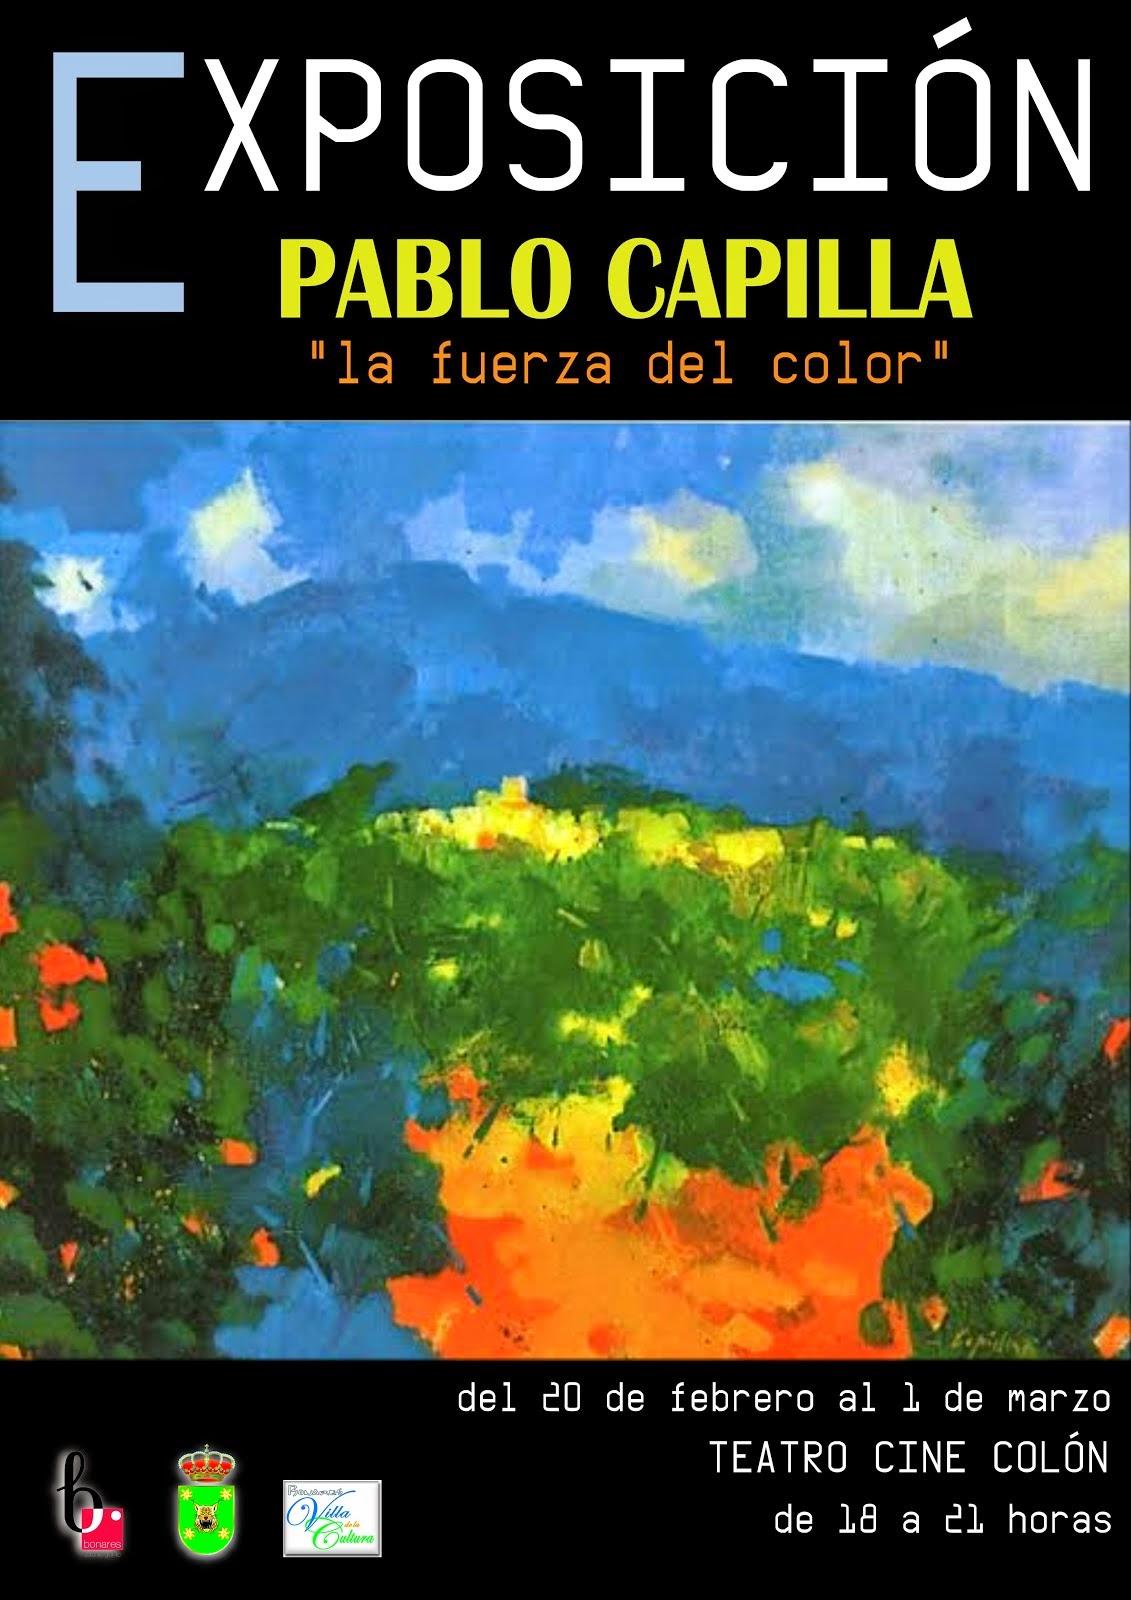 LA FUERZA DEL COLOR DE PABLO CAPILLA